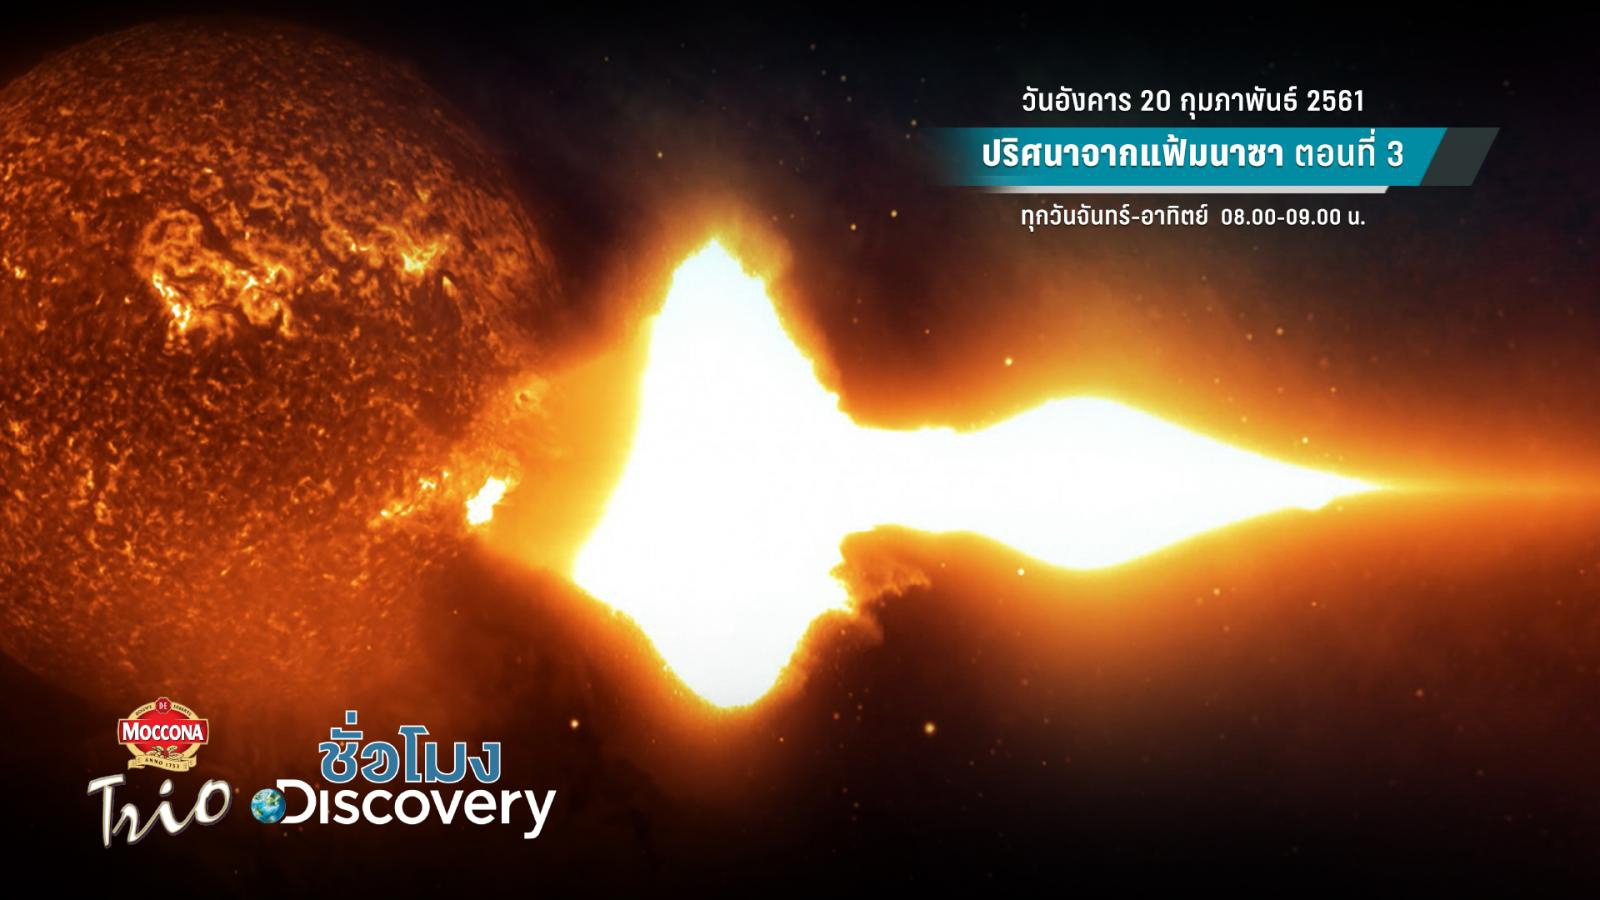 ชั่วโมง Discovery ตอน ปริศนาแฟ้มนาซา 3